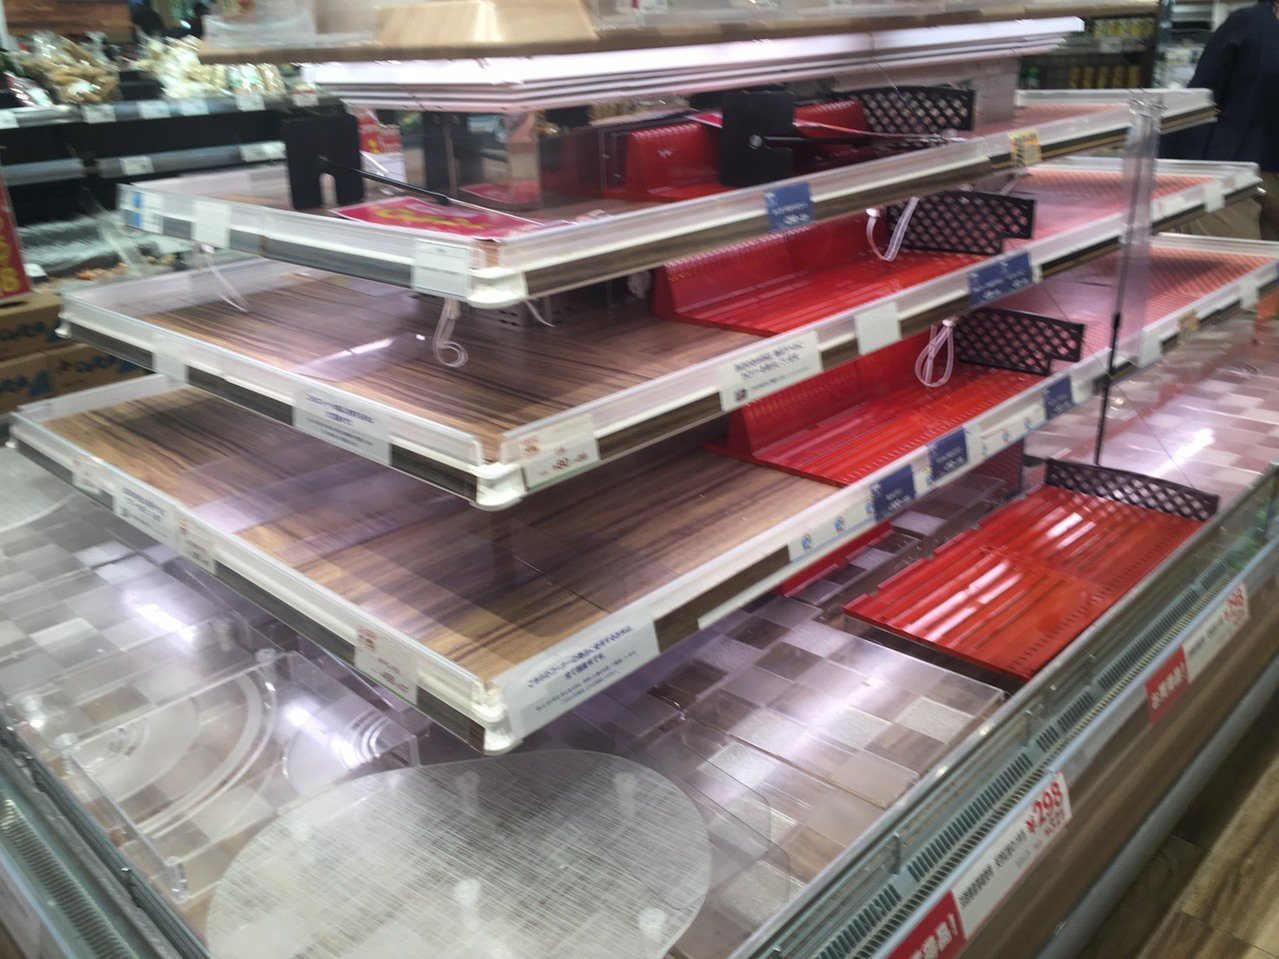 東京超市生鮮、麵包、泡麵、可微波食品都被搶購一空。圖/讀者提供